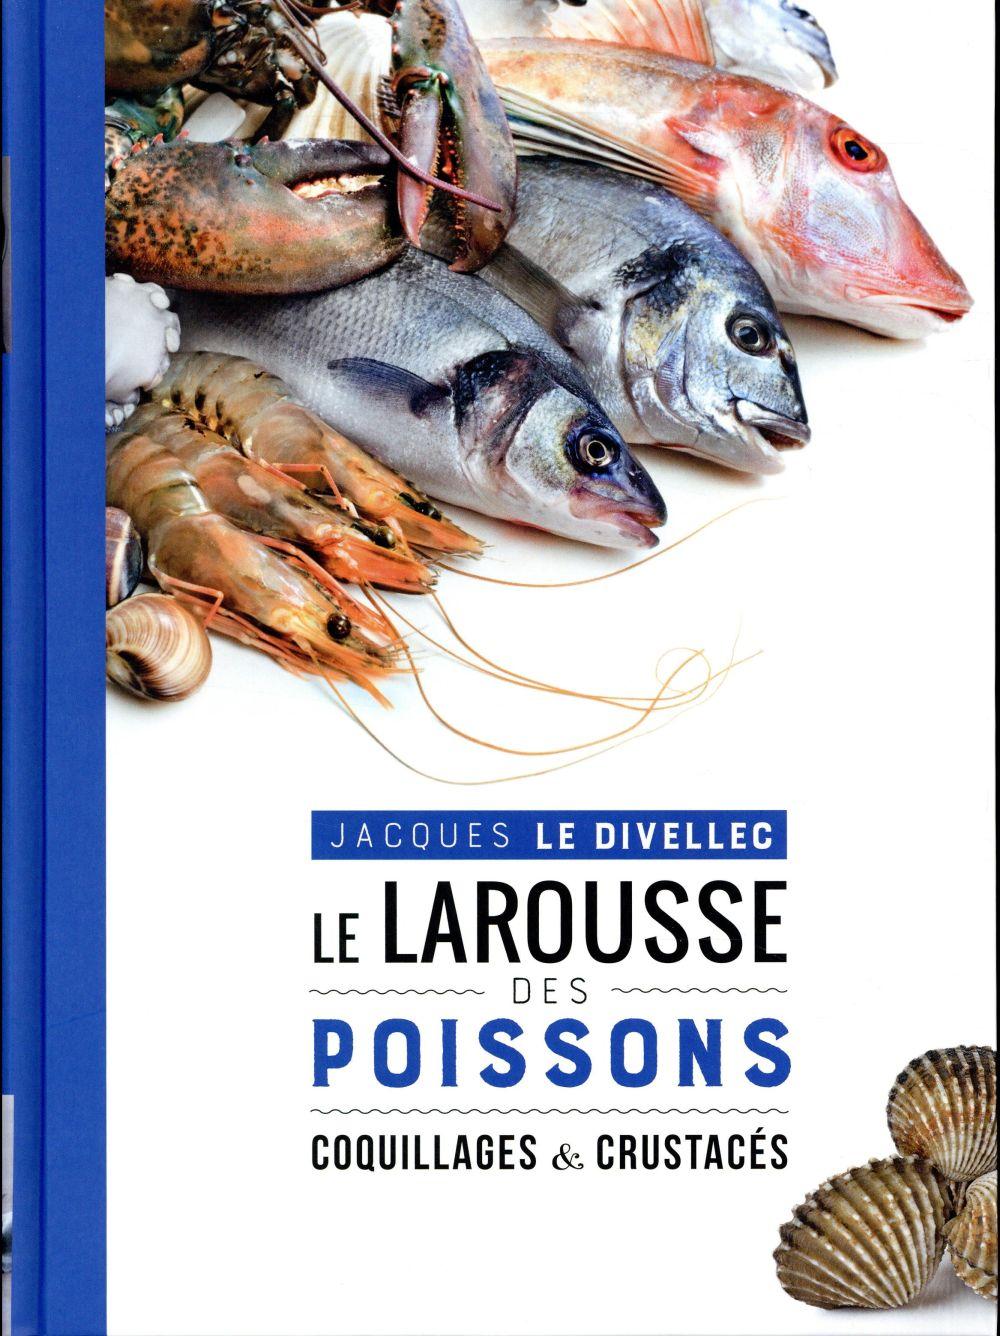 LE LAROUSSE DES POISSONS, COQUILLAGES ET CRUSTACES